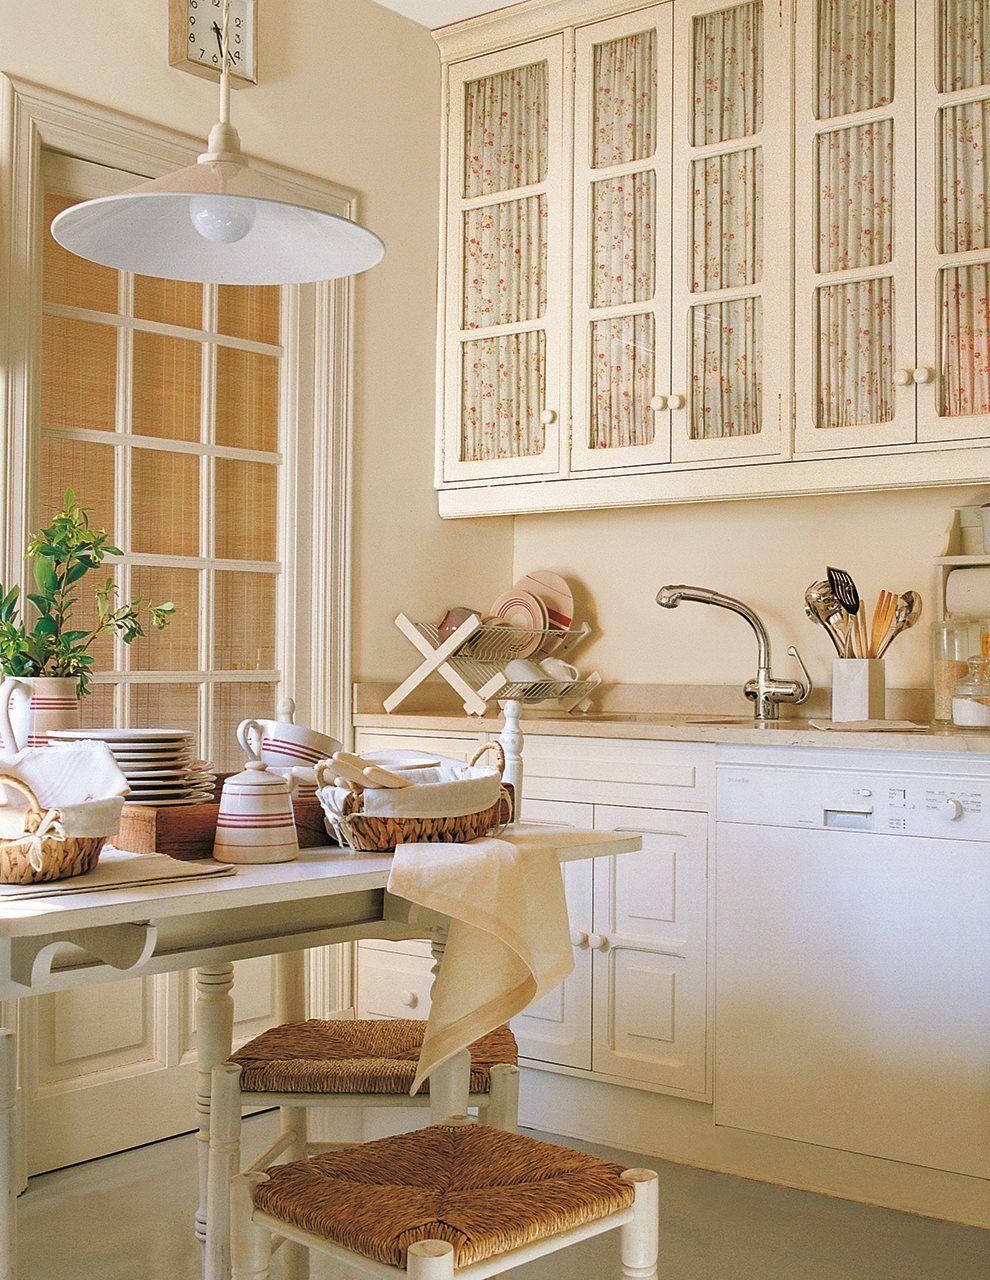 8 ideas para comer en la cocina · ElMueble.com · Cocinas y baños ...